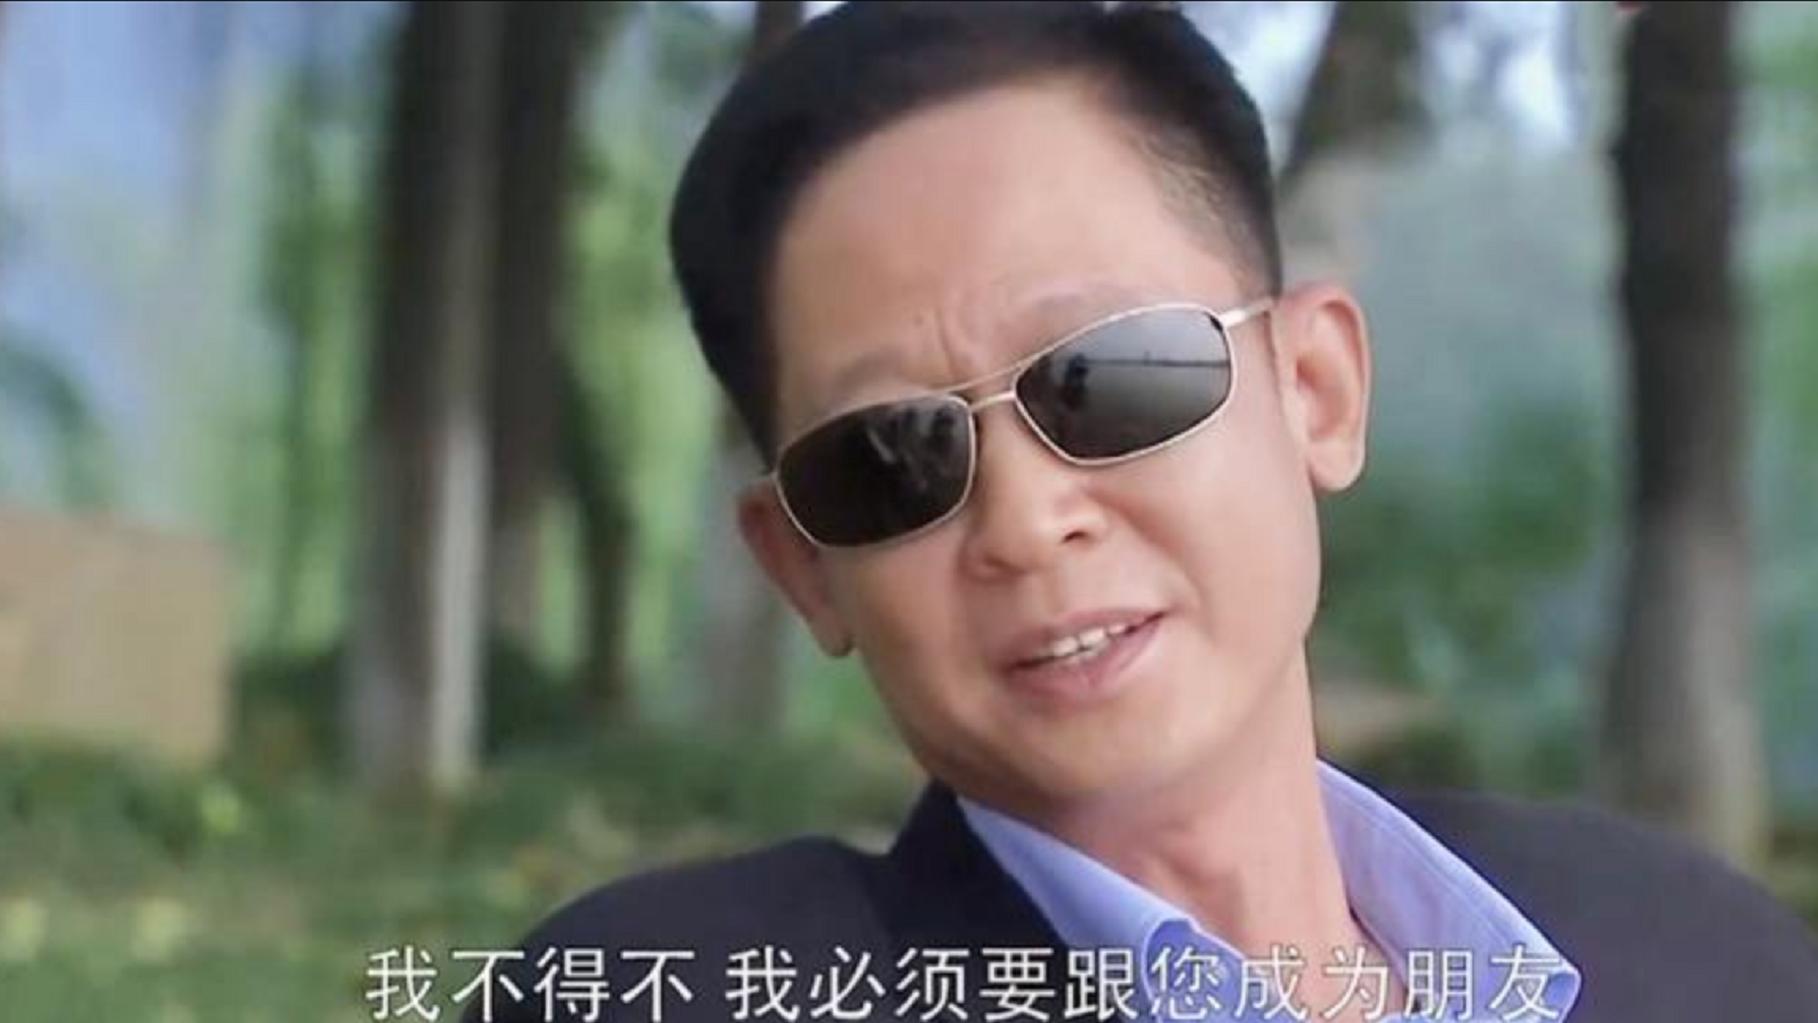 王志文面对官员300百万的索贿,经典博弈对话,真是精髓!